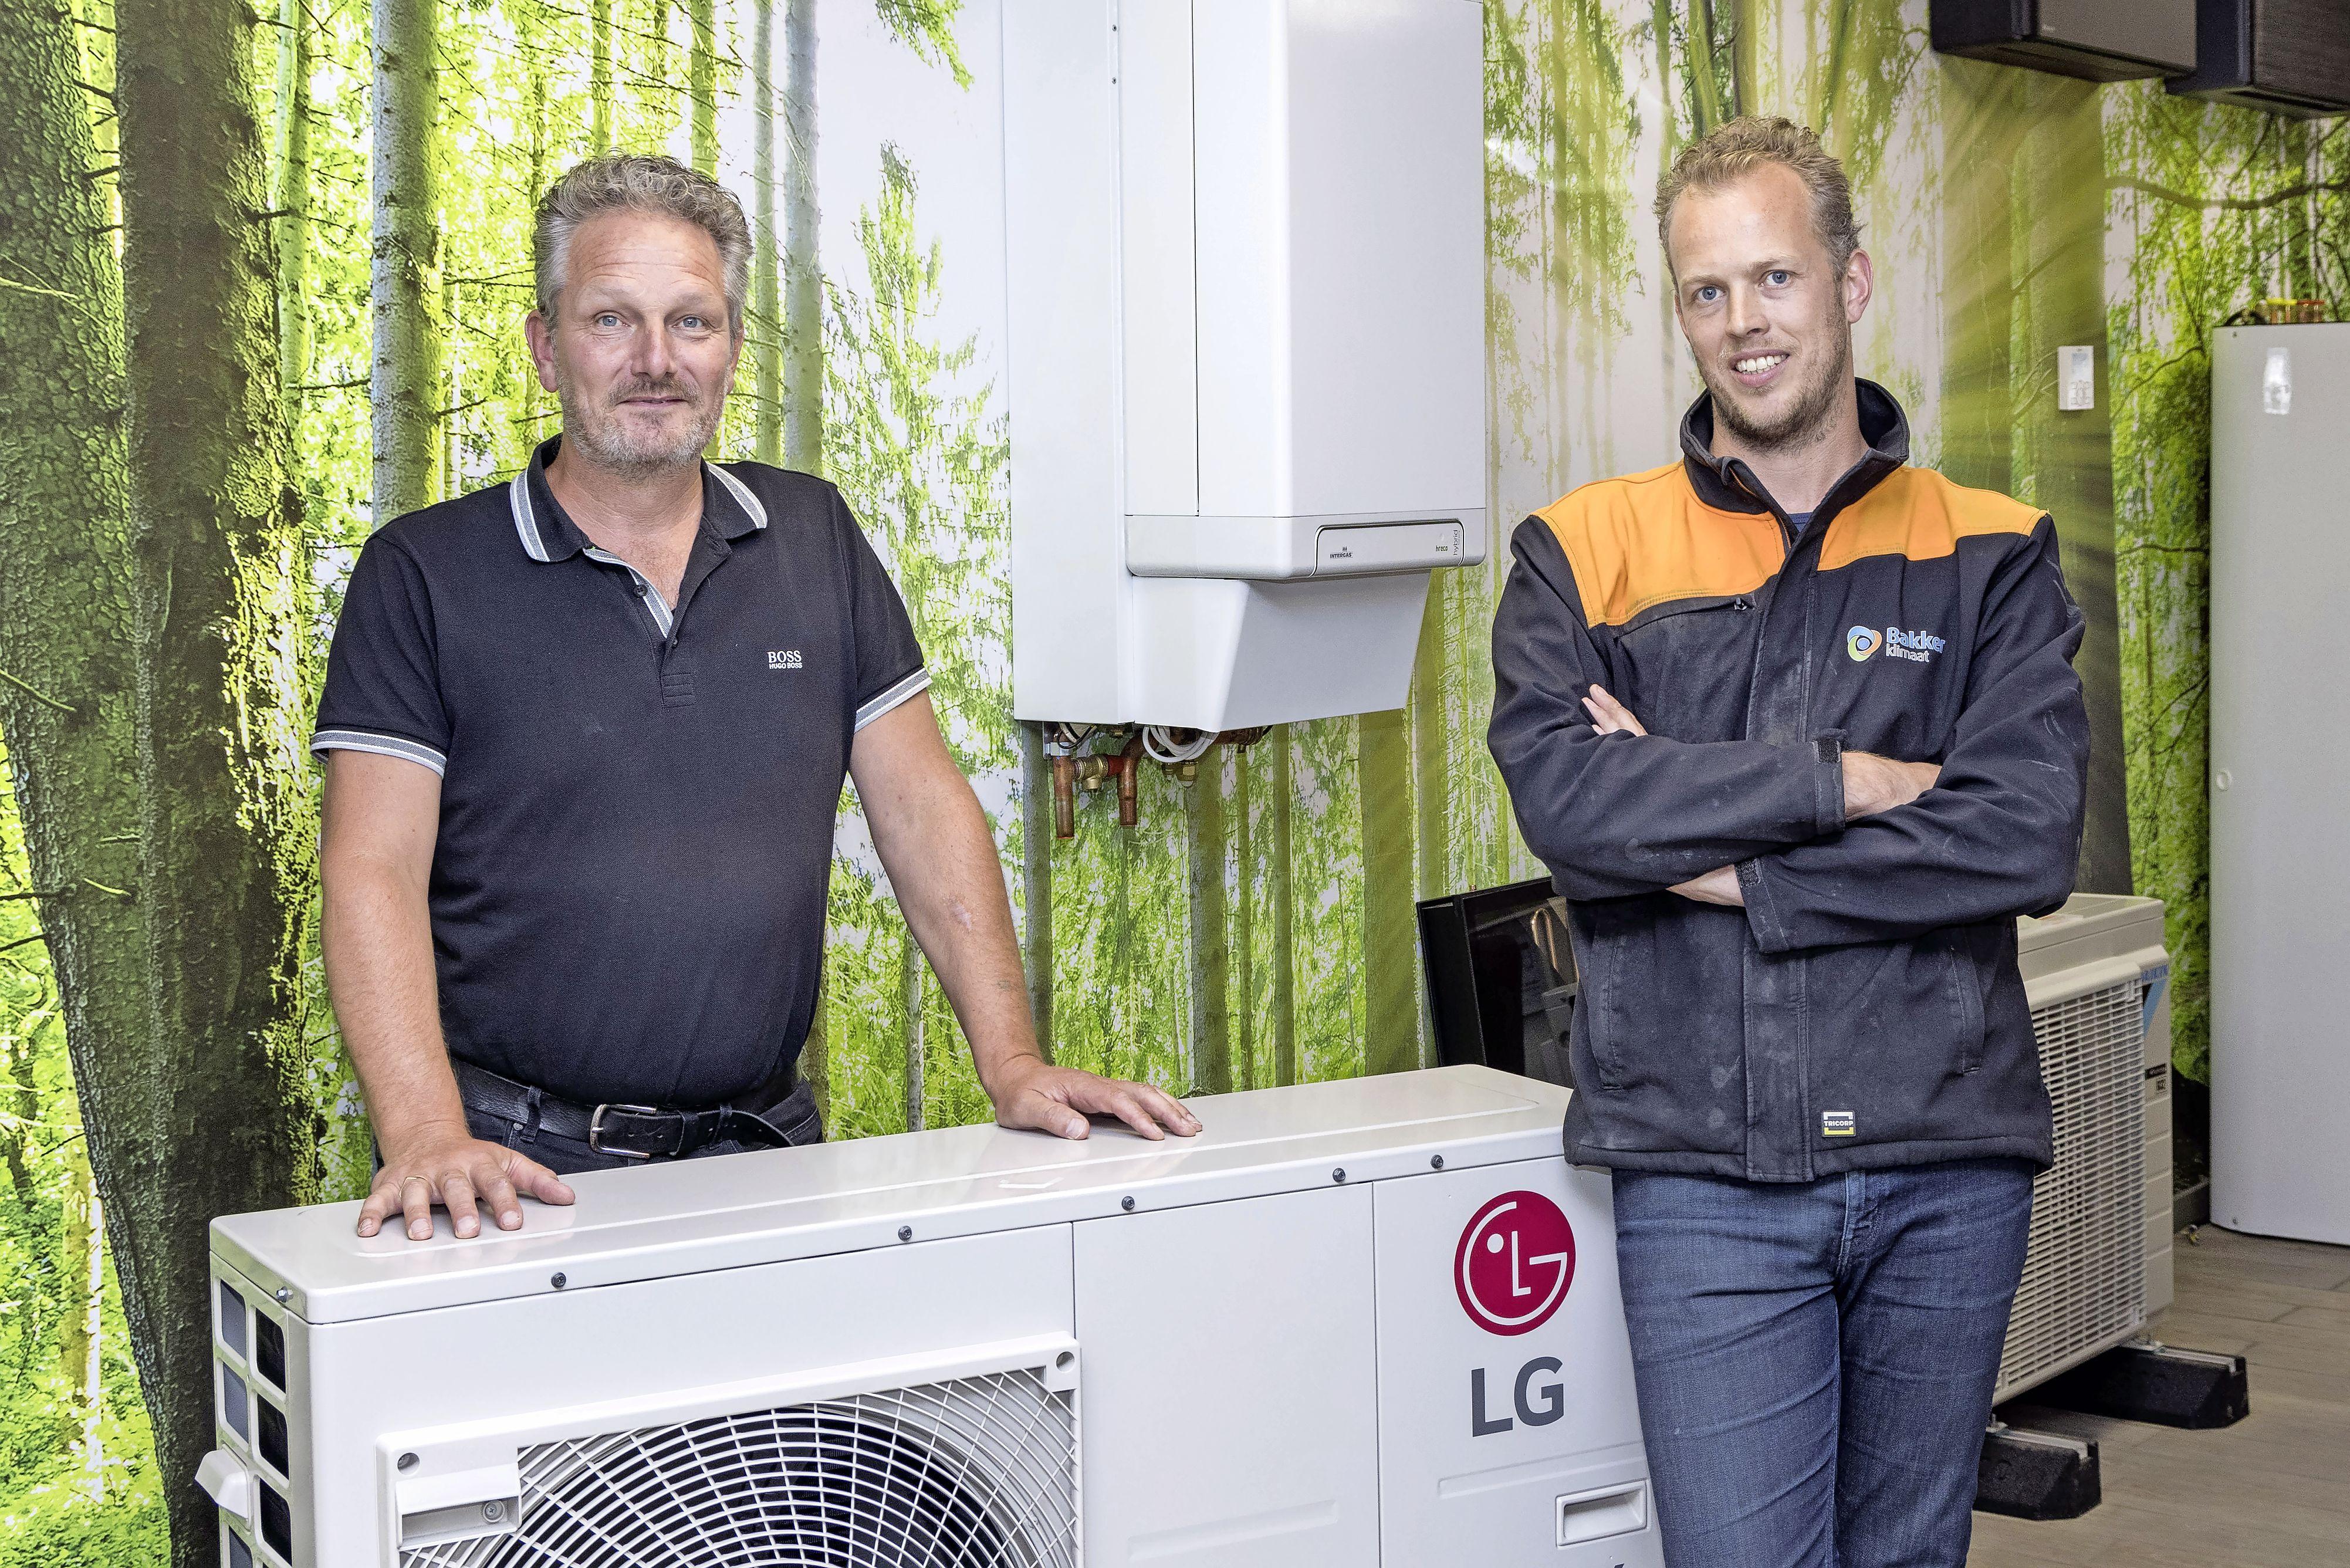 Nog nauwelijks huizen gasloos gemaakt in West-Friesland. 'Begrijpelijk, het is vaak een hele investering'